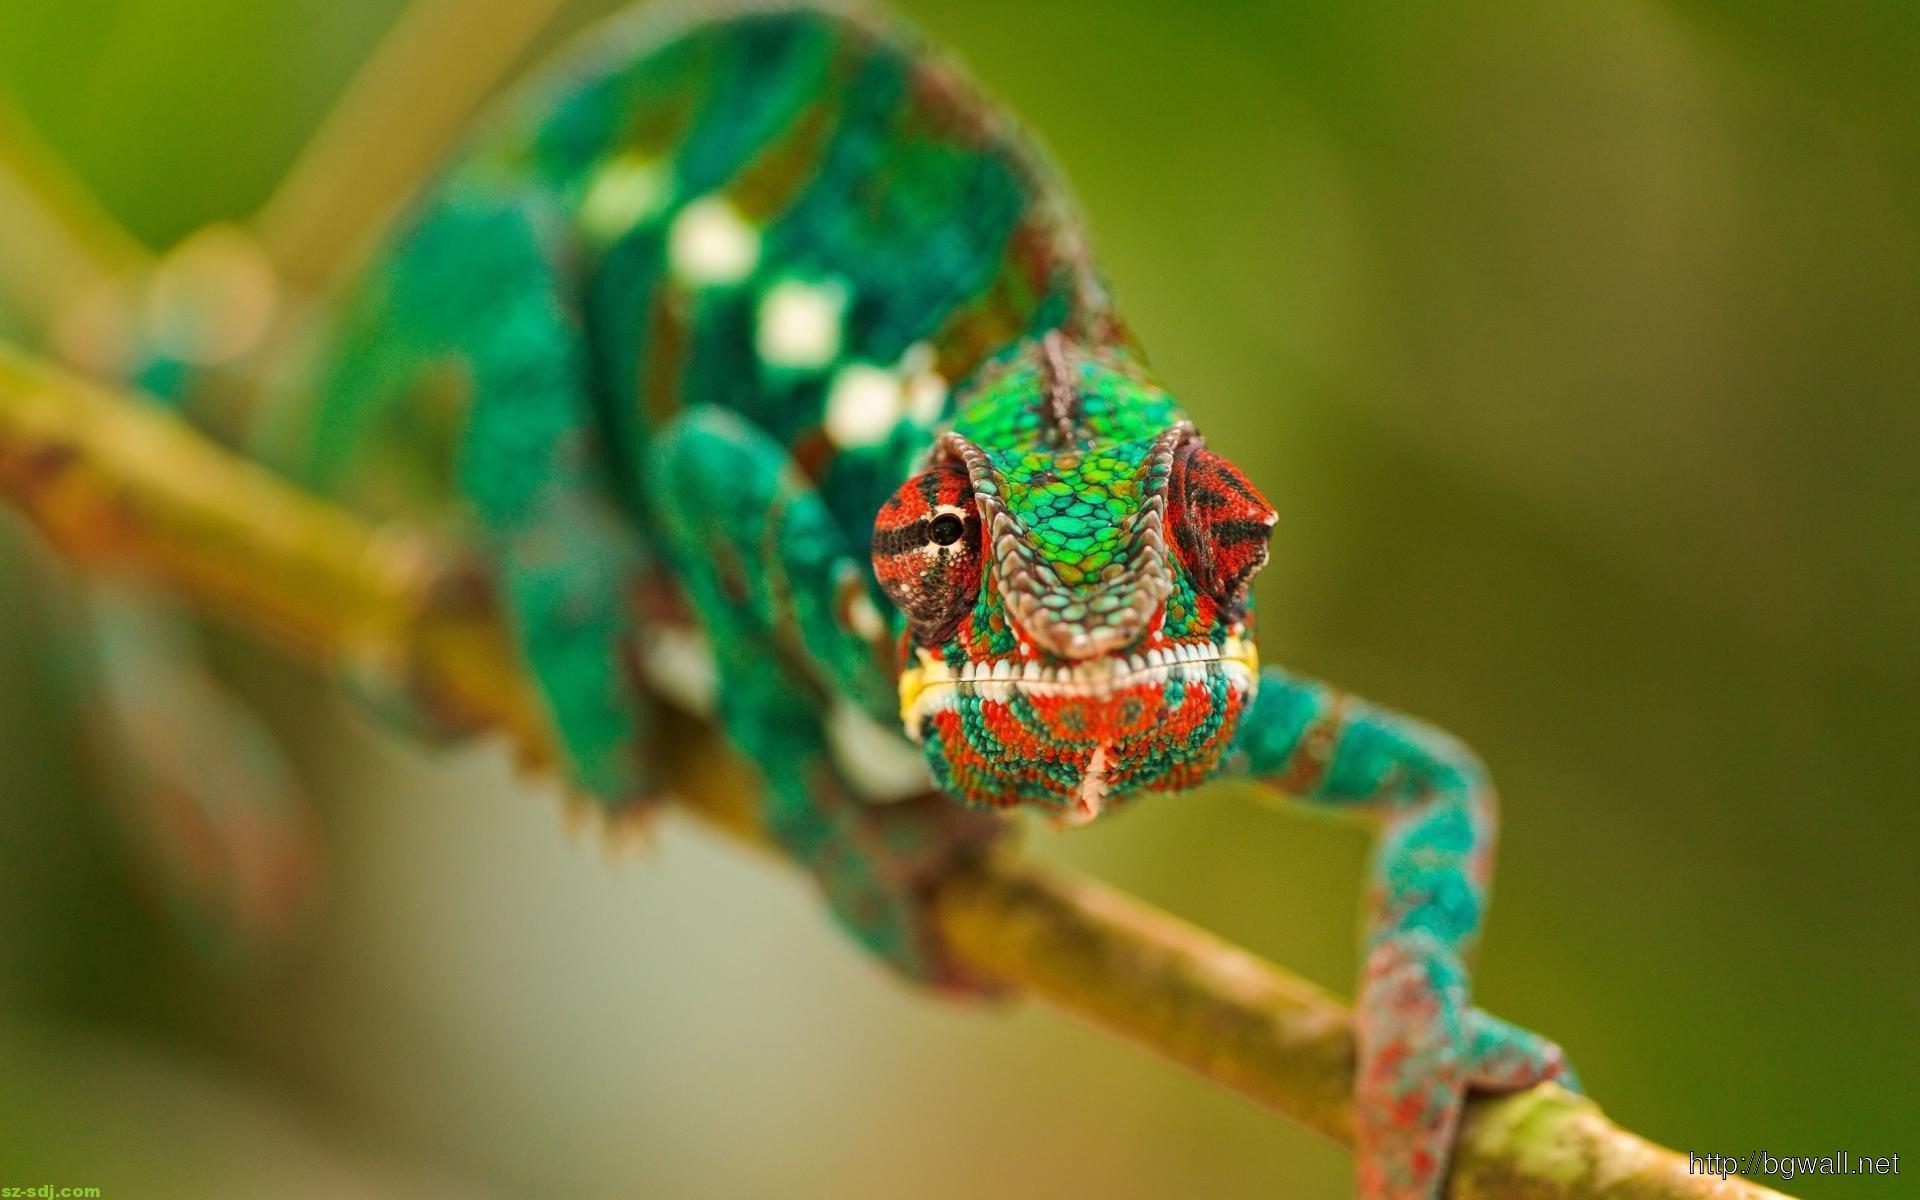 cute chameleon wallpaper for mobile  background wallpaper hd